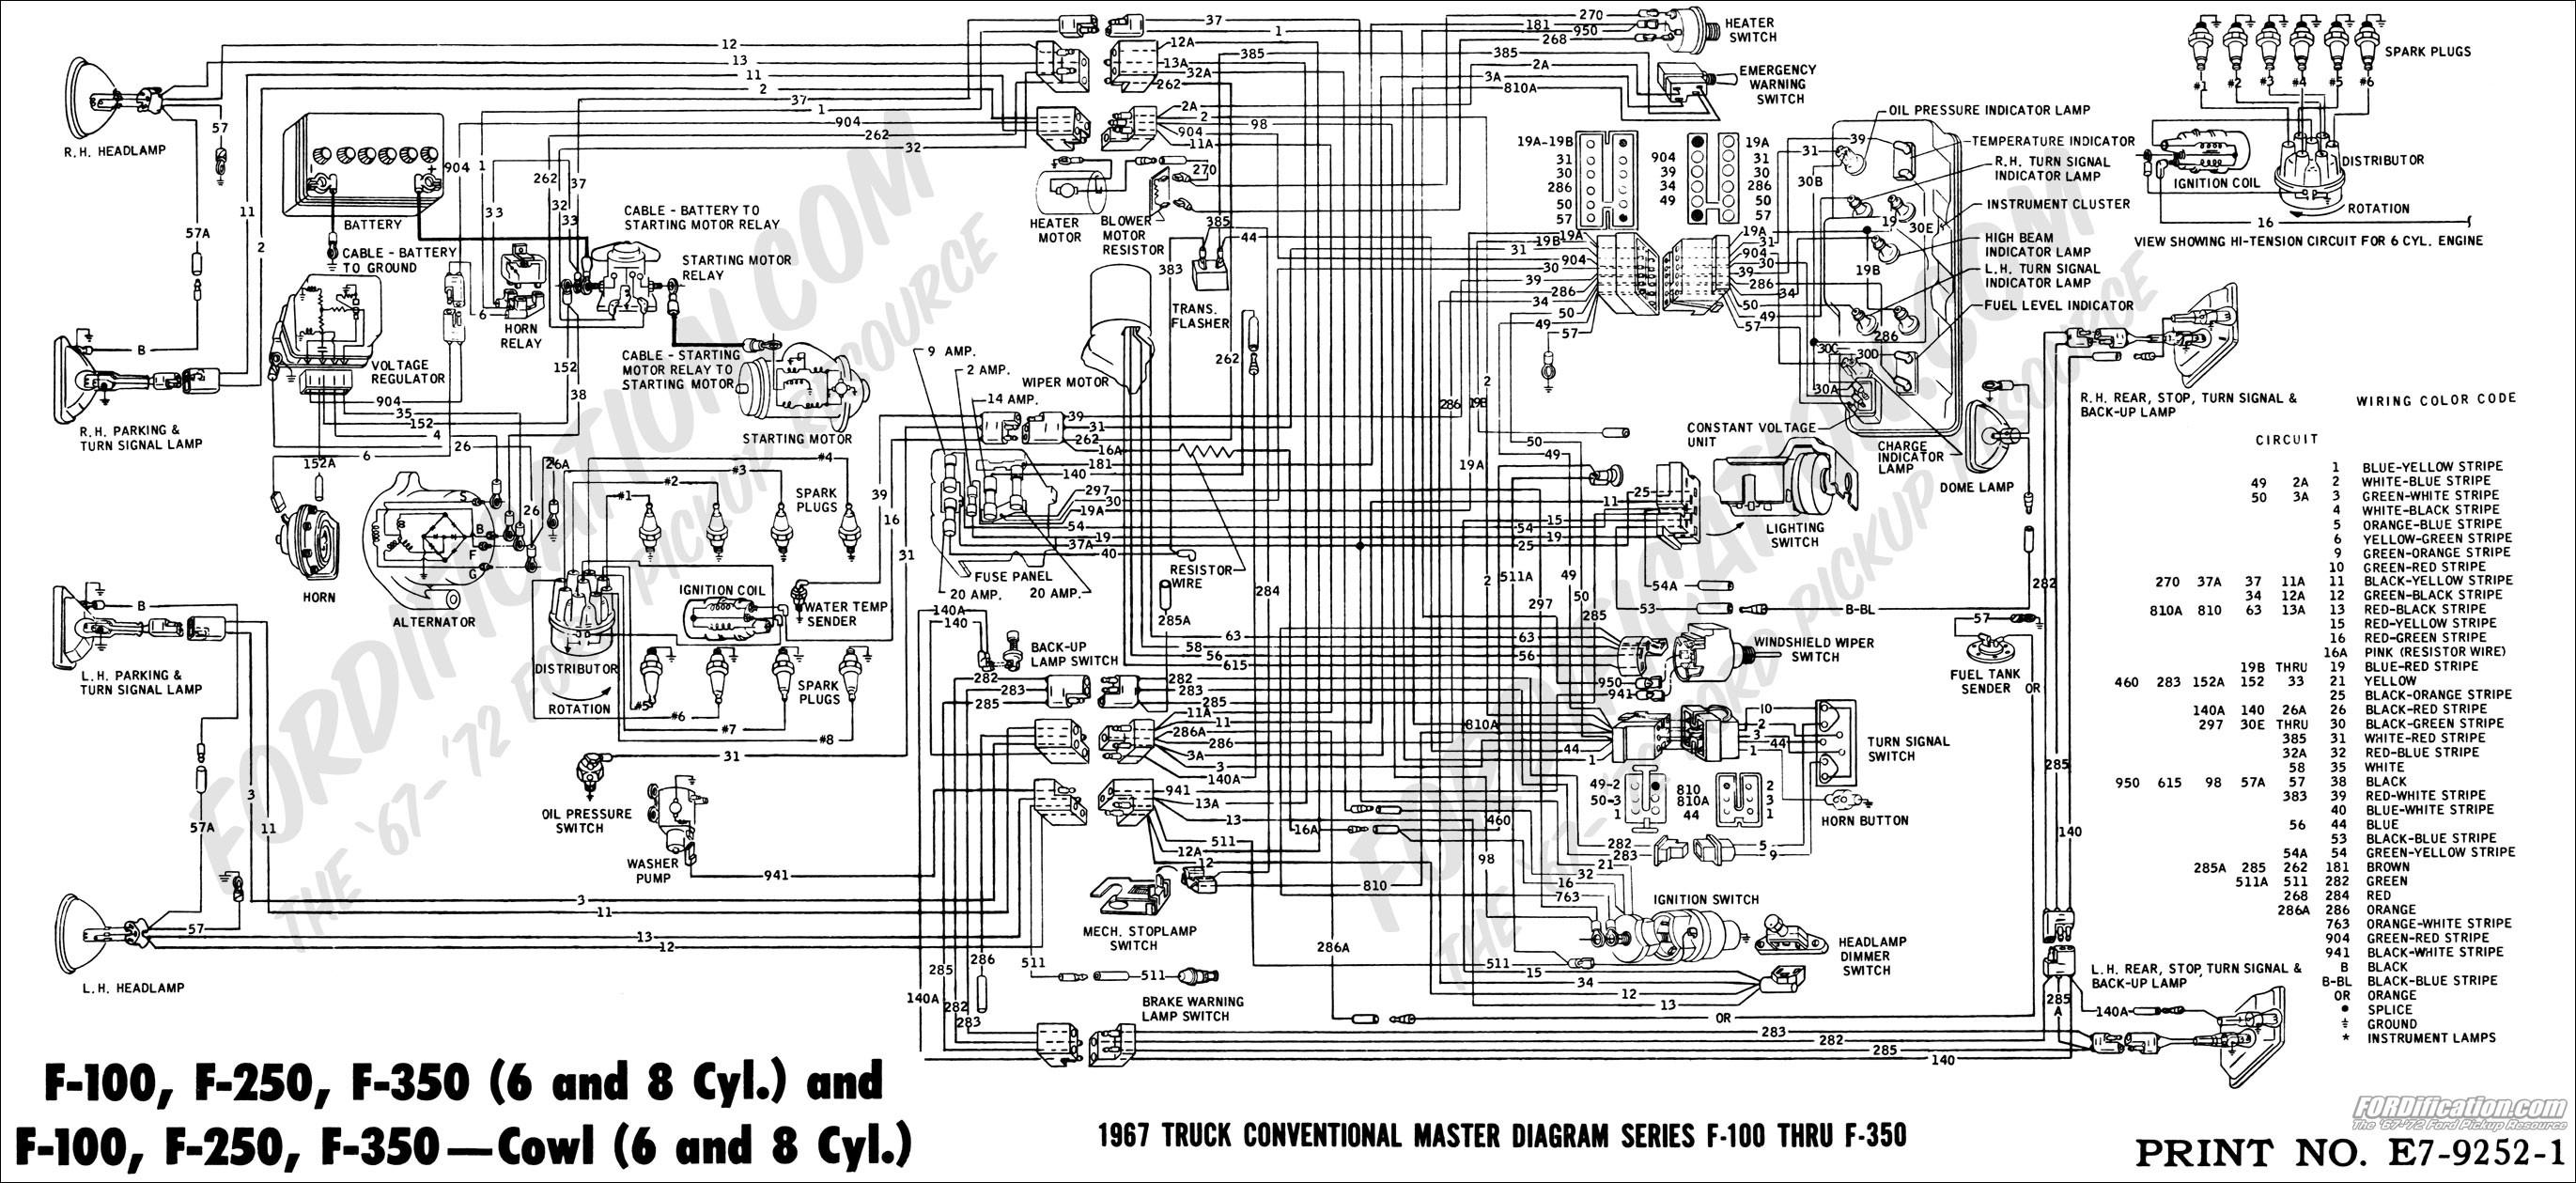 2003 ford Ranger Engine Diagram 2007 ford Ranger Wiring Diagram Canopi Of 2003 ford Ranger Engine Diagram